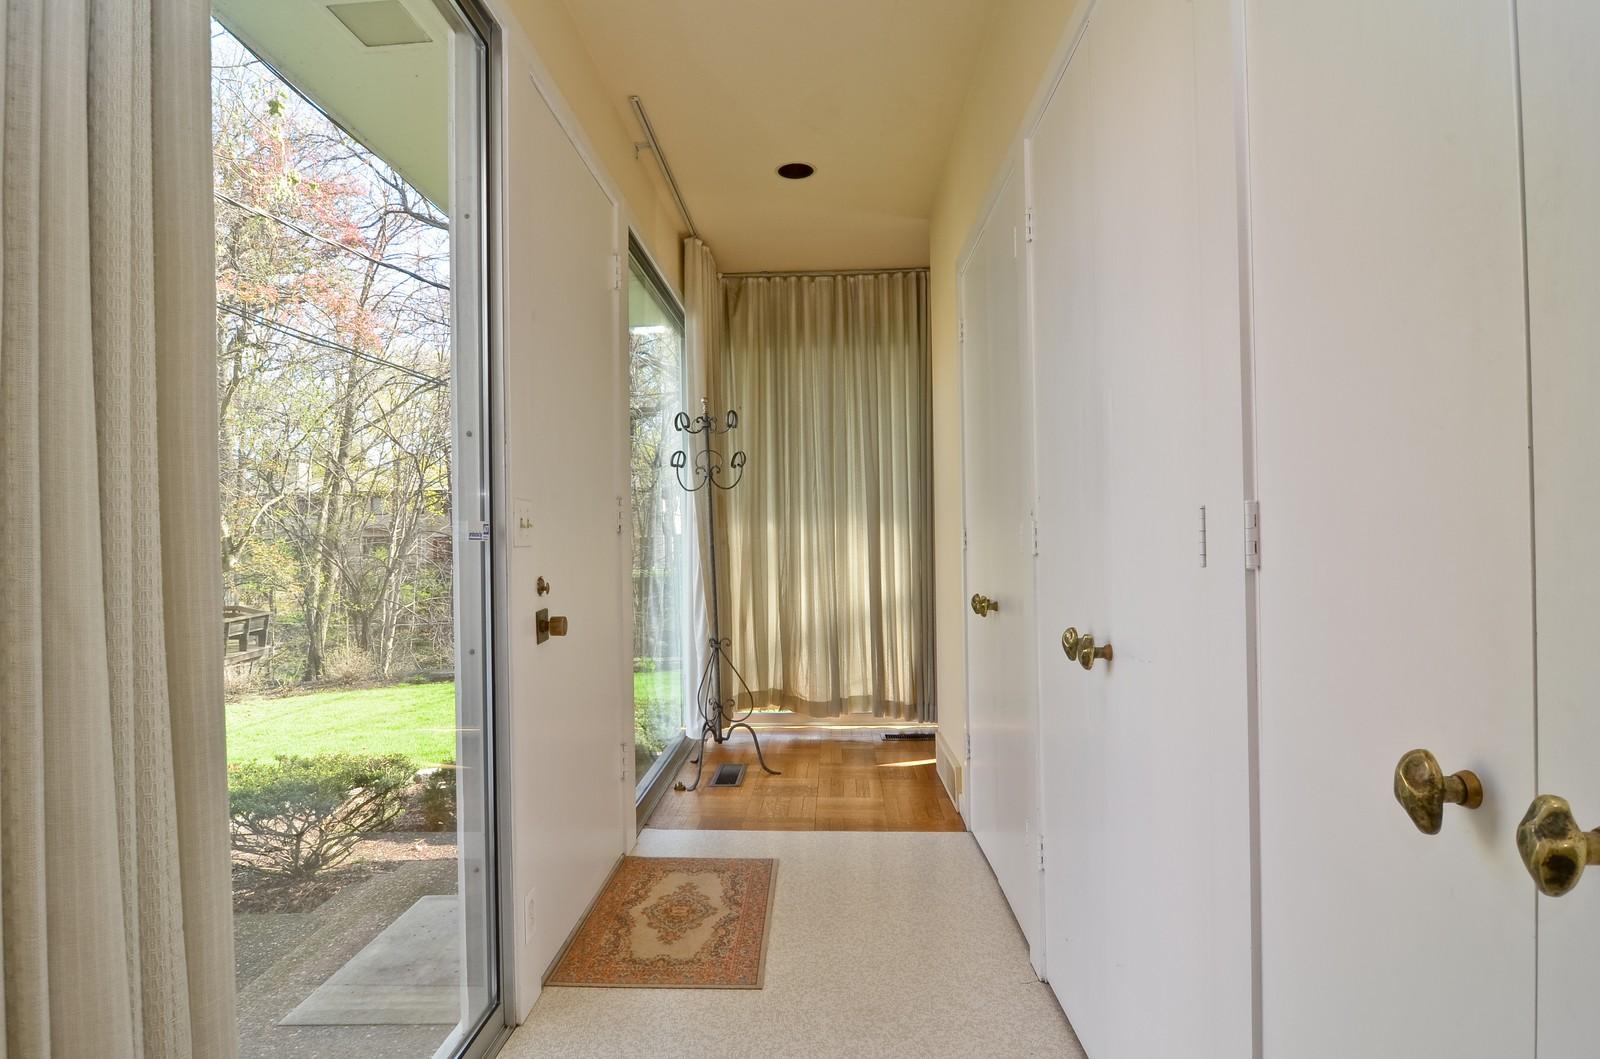 Real Estate Photography - 110 Crescent, Glencoe, IL, 60022 - Location 1